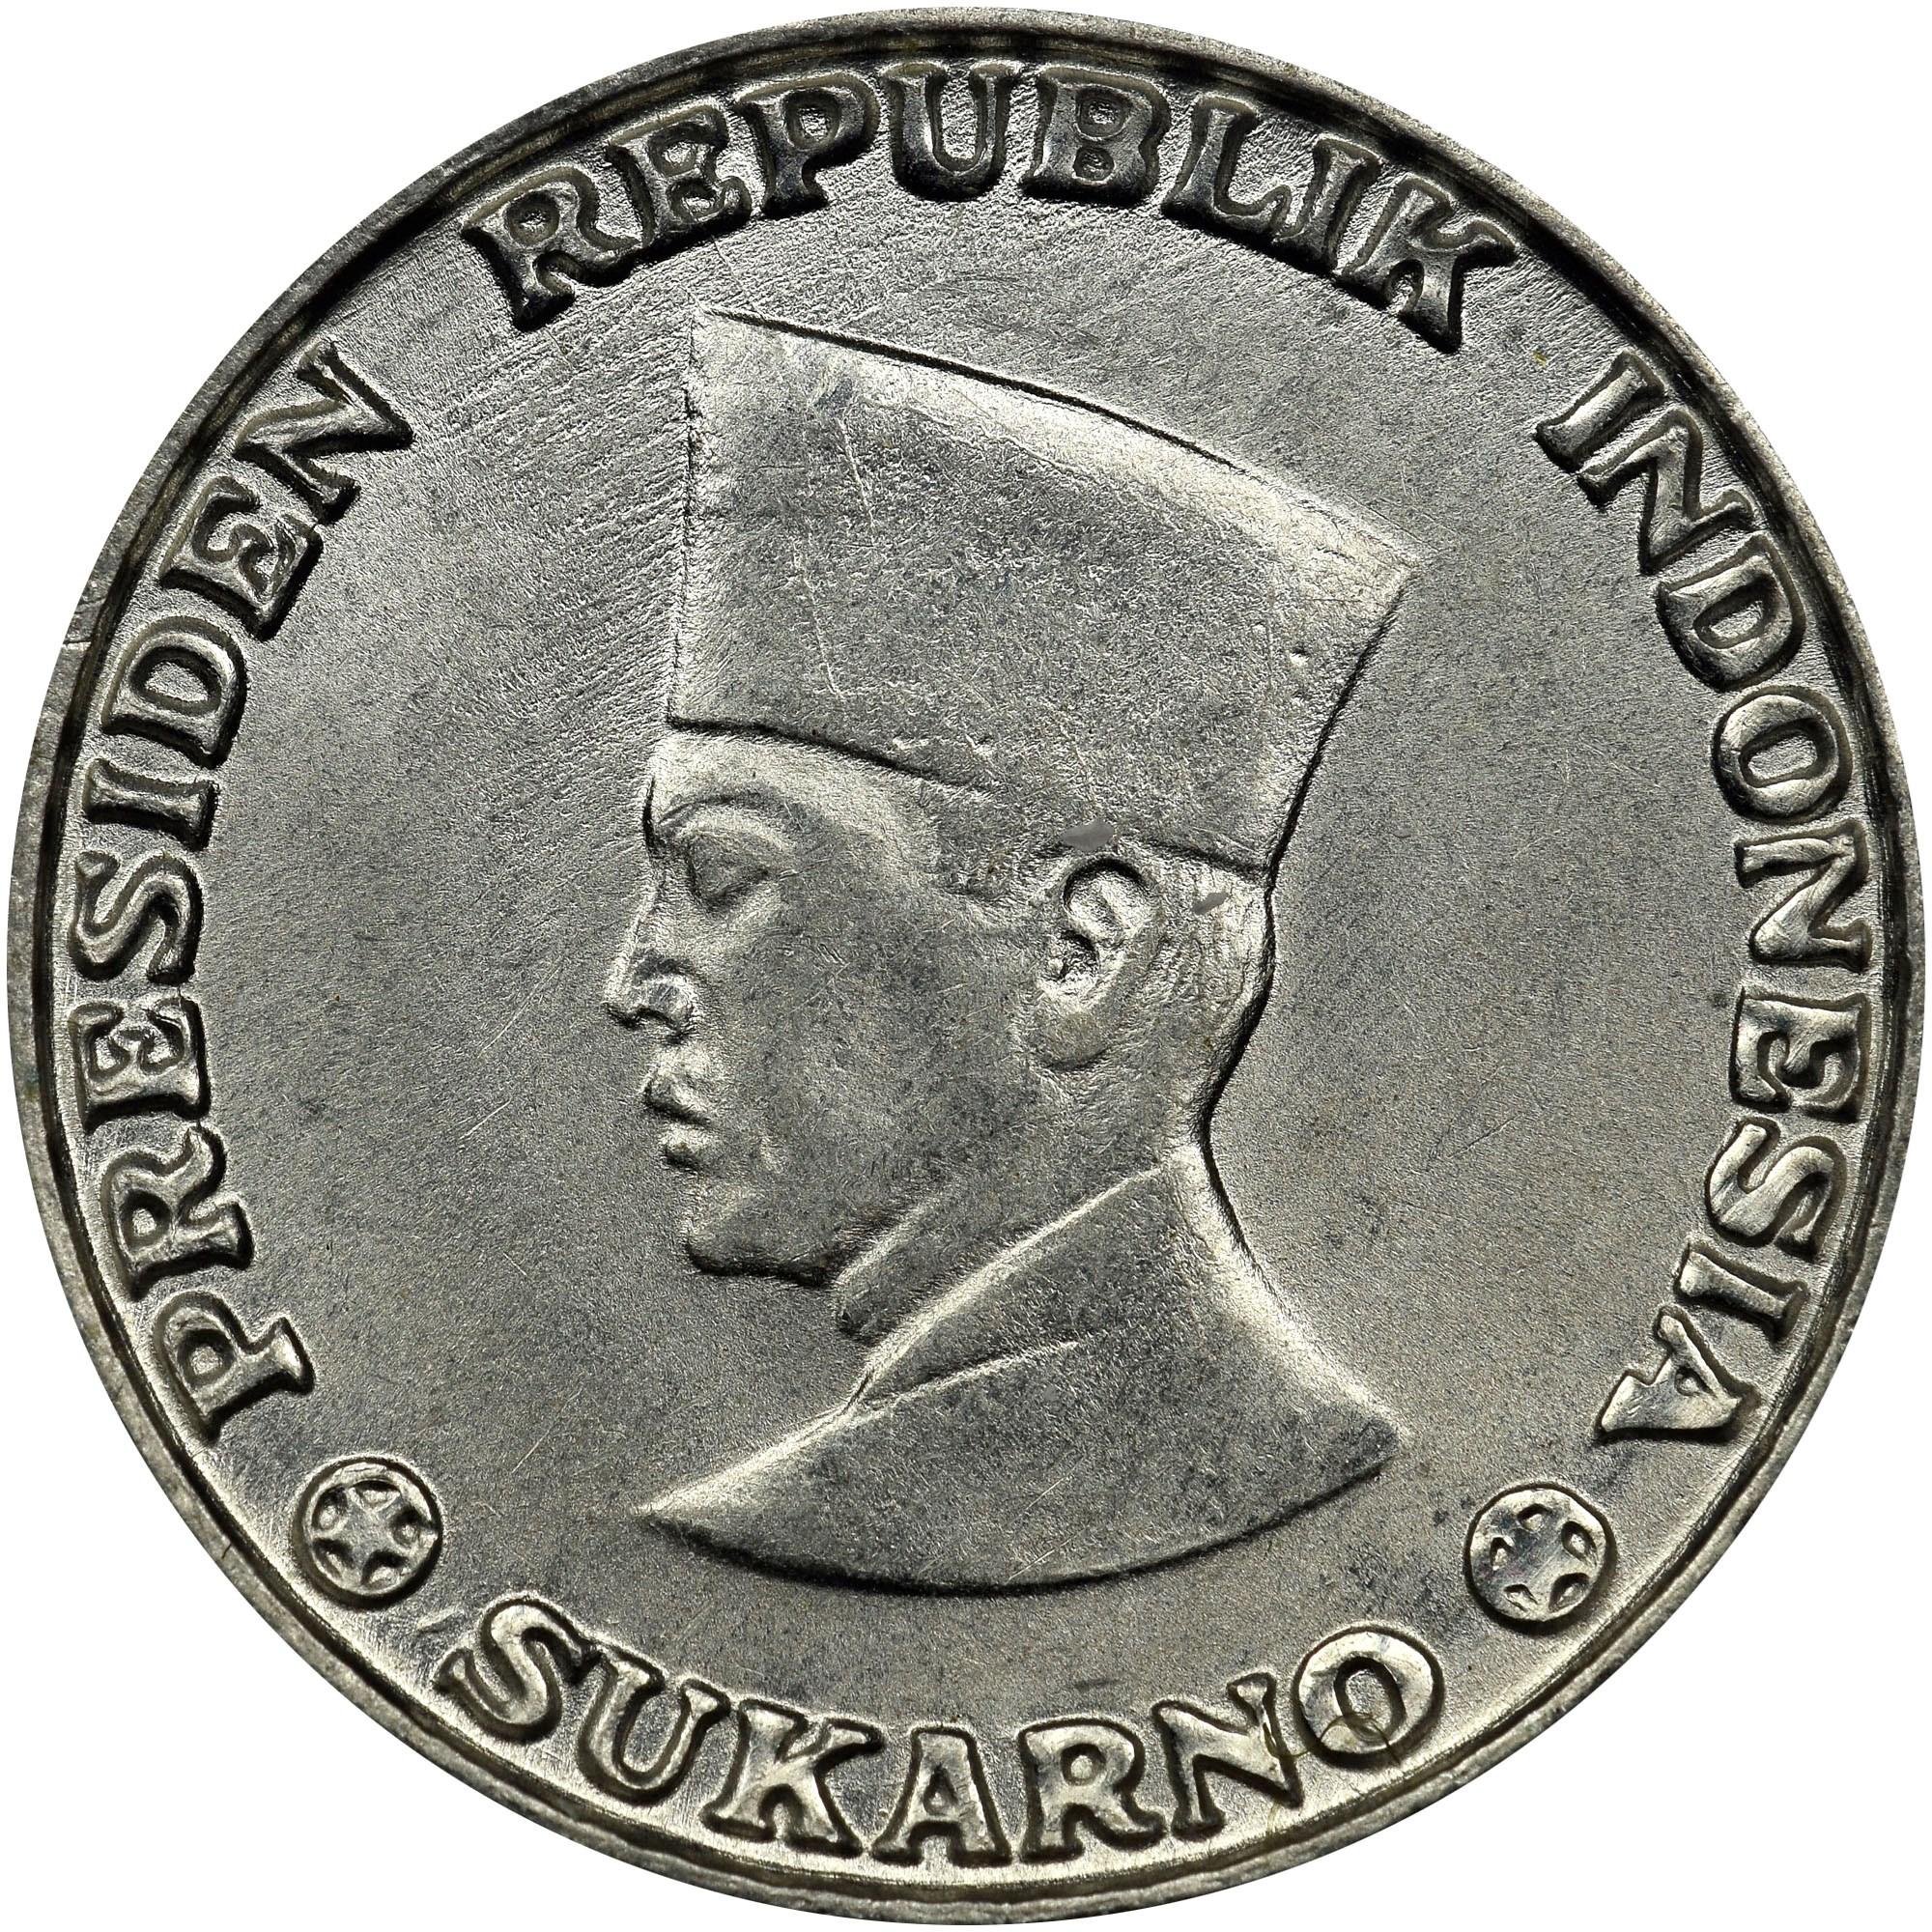 Indonesia RIAU ARCHIPELAGO 5 Sen obverse